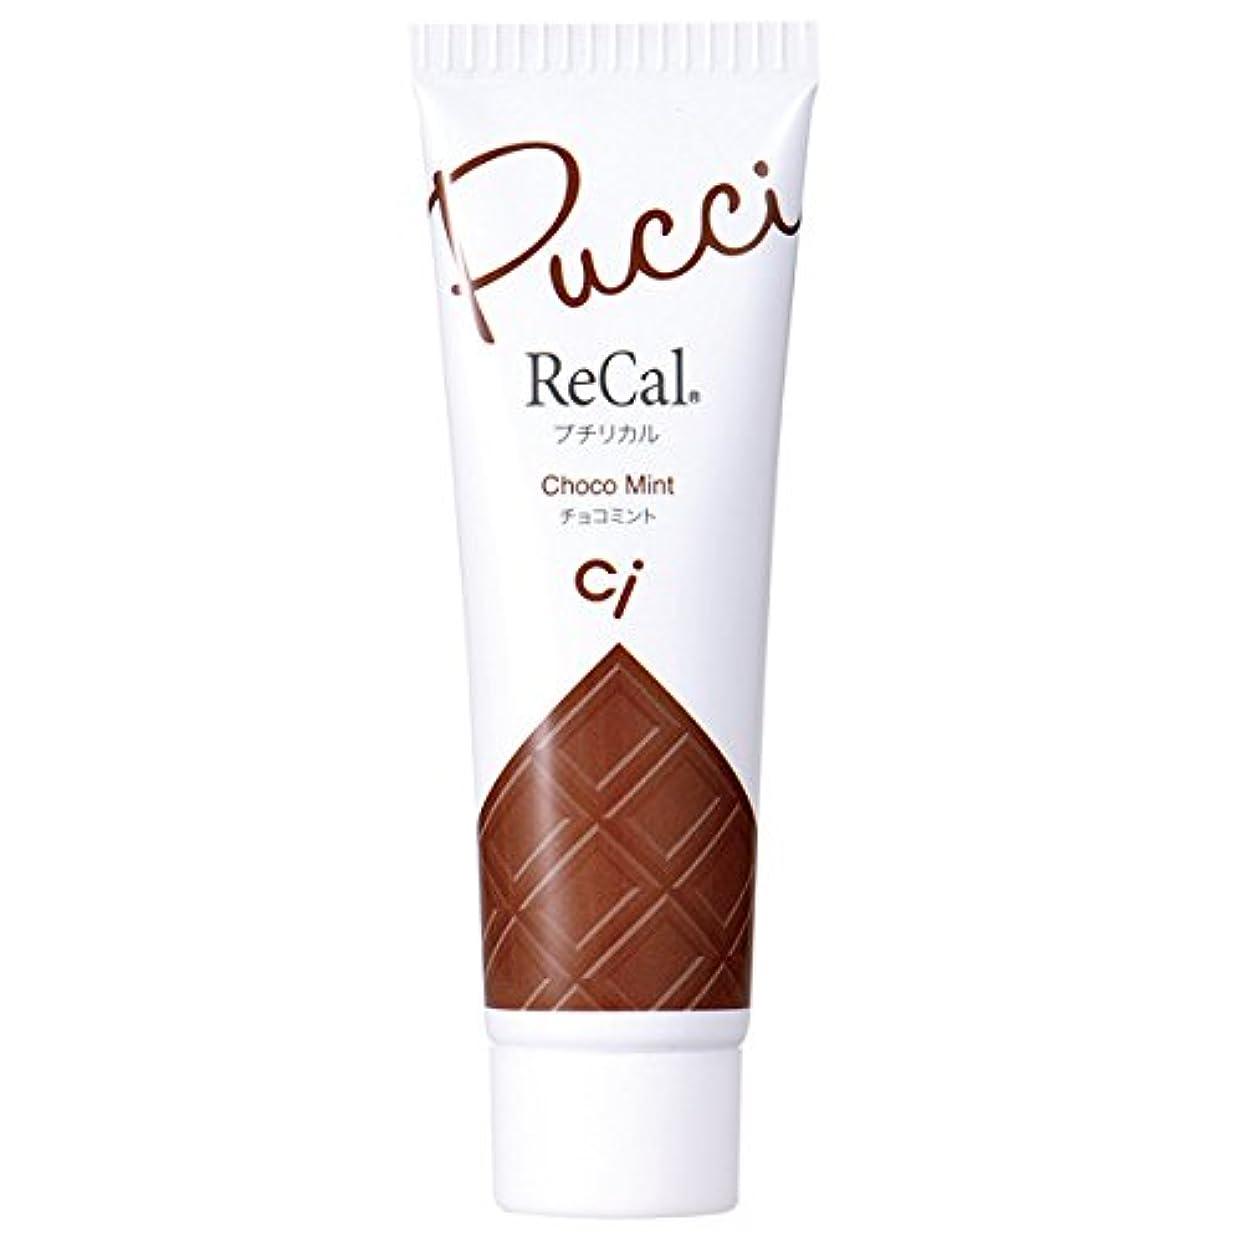 かもめシャベルアレルギーCi プチリカル チョコミント 1本(30g)